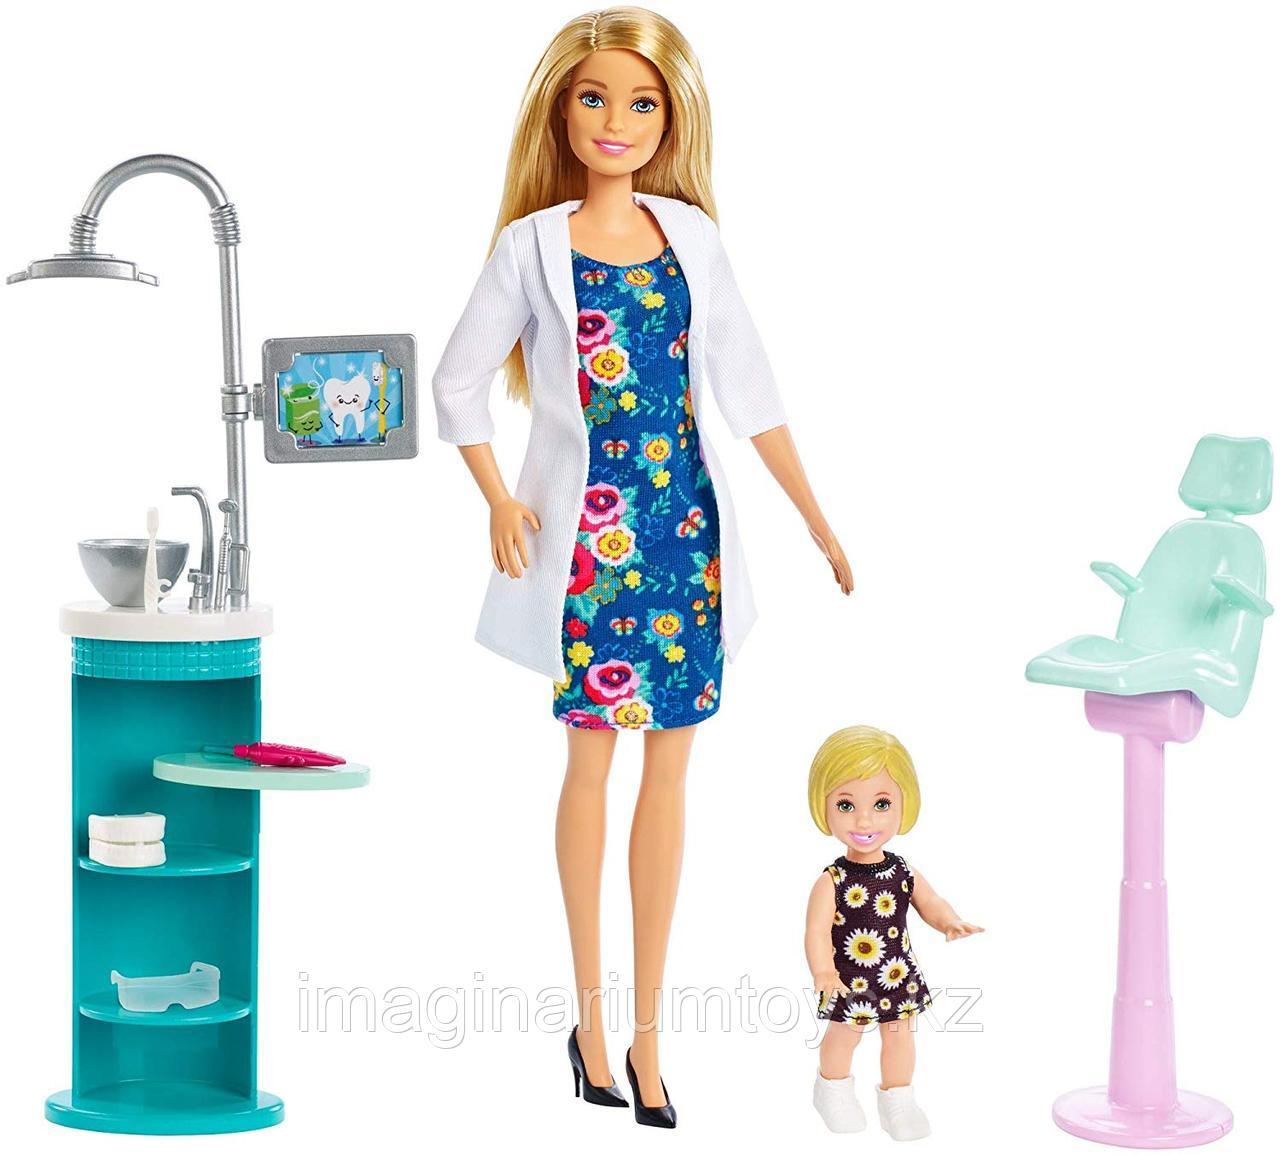 Игровой набор Barbie Барби Стоматолог Блондинка